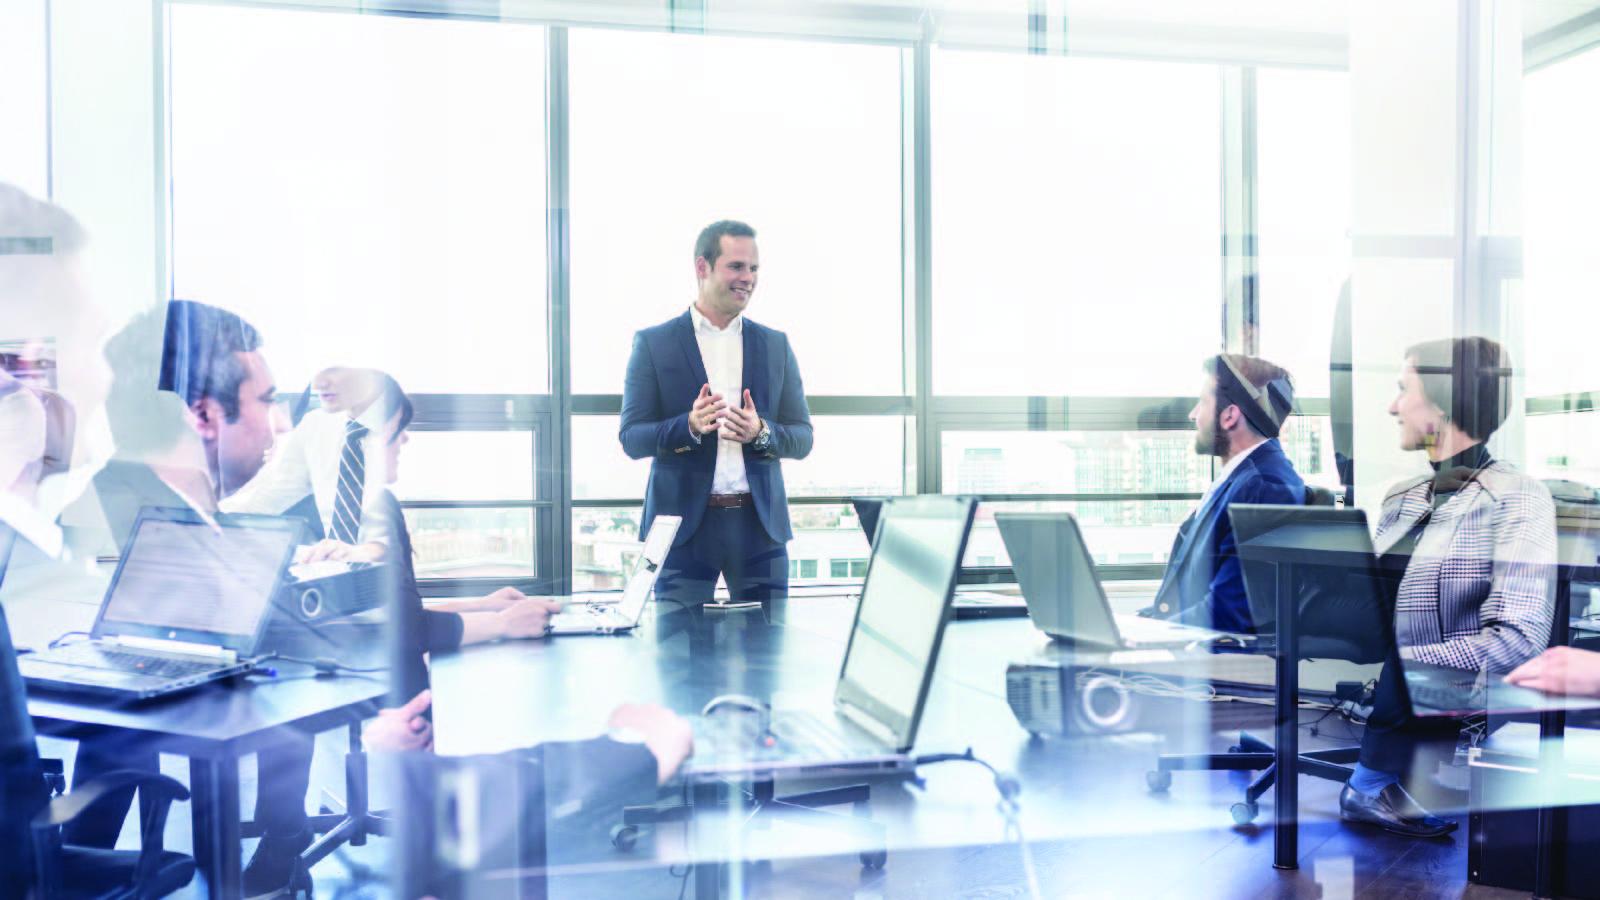 CEO, CIO, CFO, CMO, CHRO, Digital Transformation, Digitization, Trasers, IT, Employee Training, Cloud, Cloud Investments, Trasers CEO, CIO, CFO, CMO, CHRO, Digital Transformation, Digitization, Trasers, IT